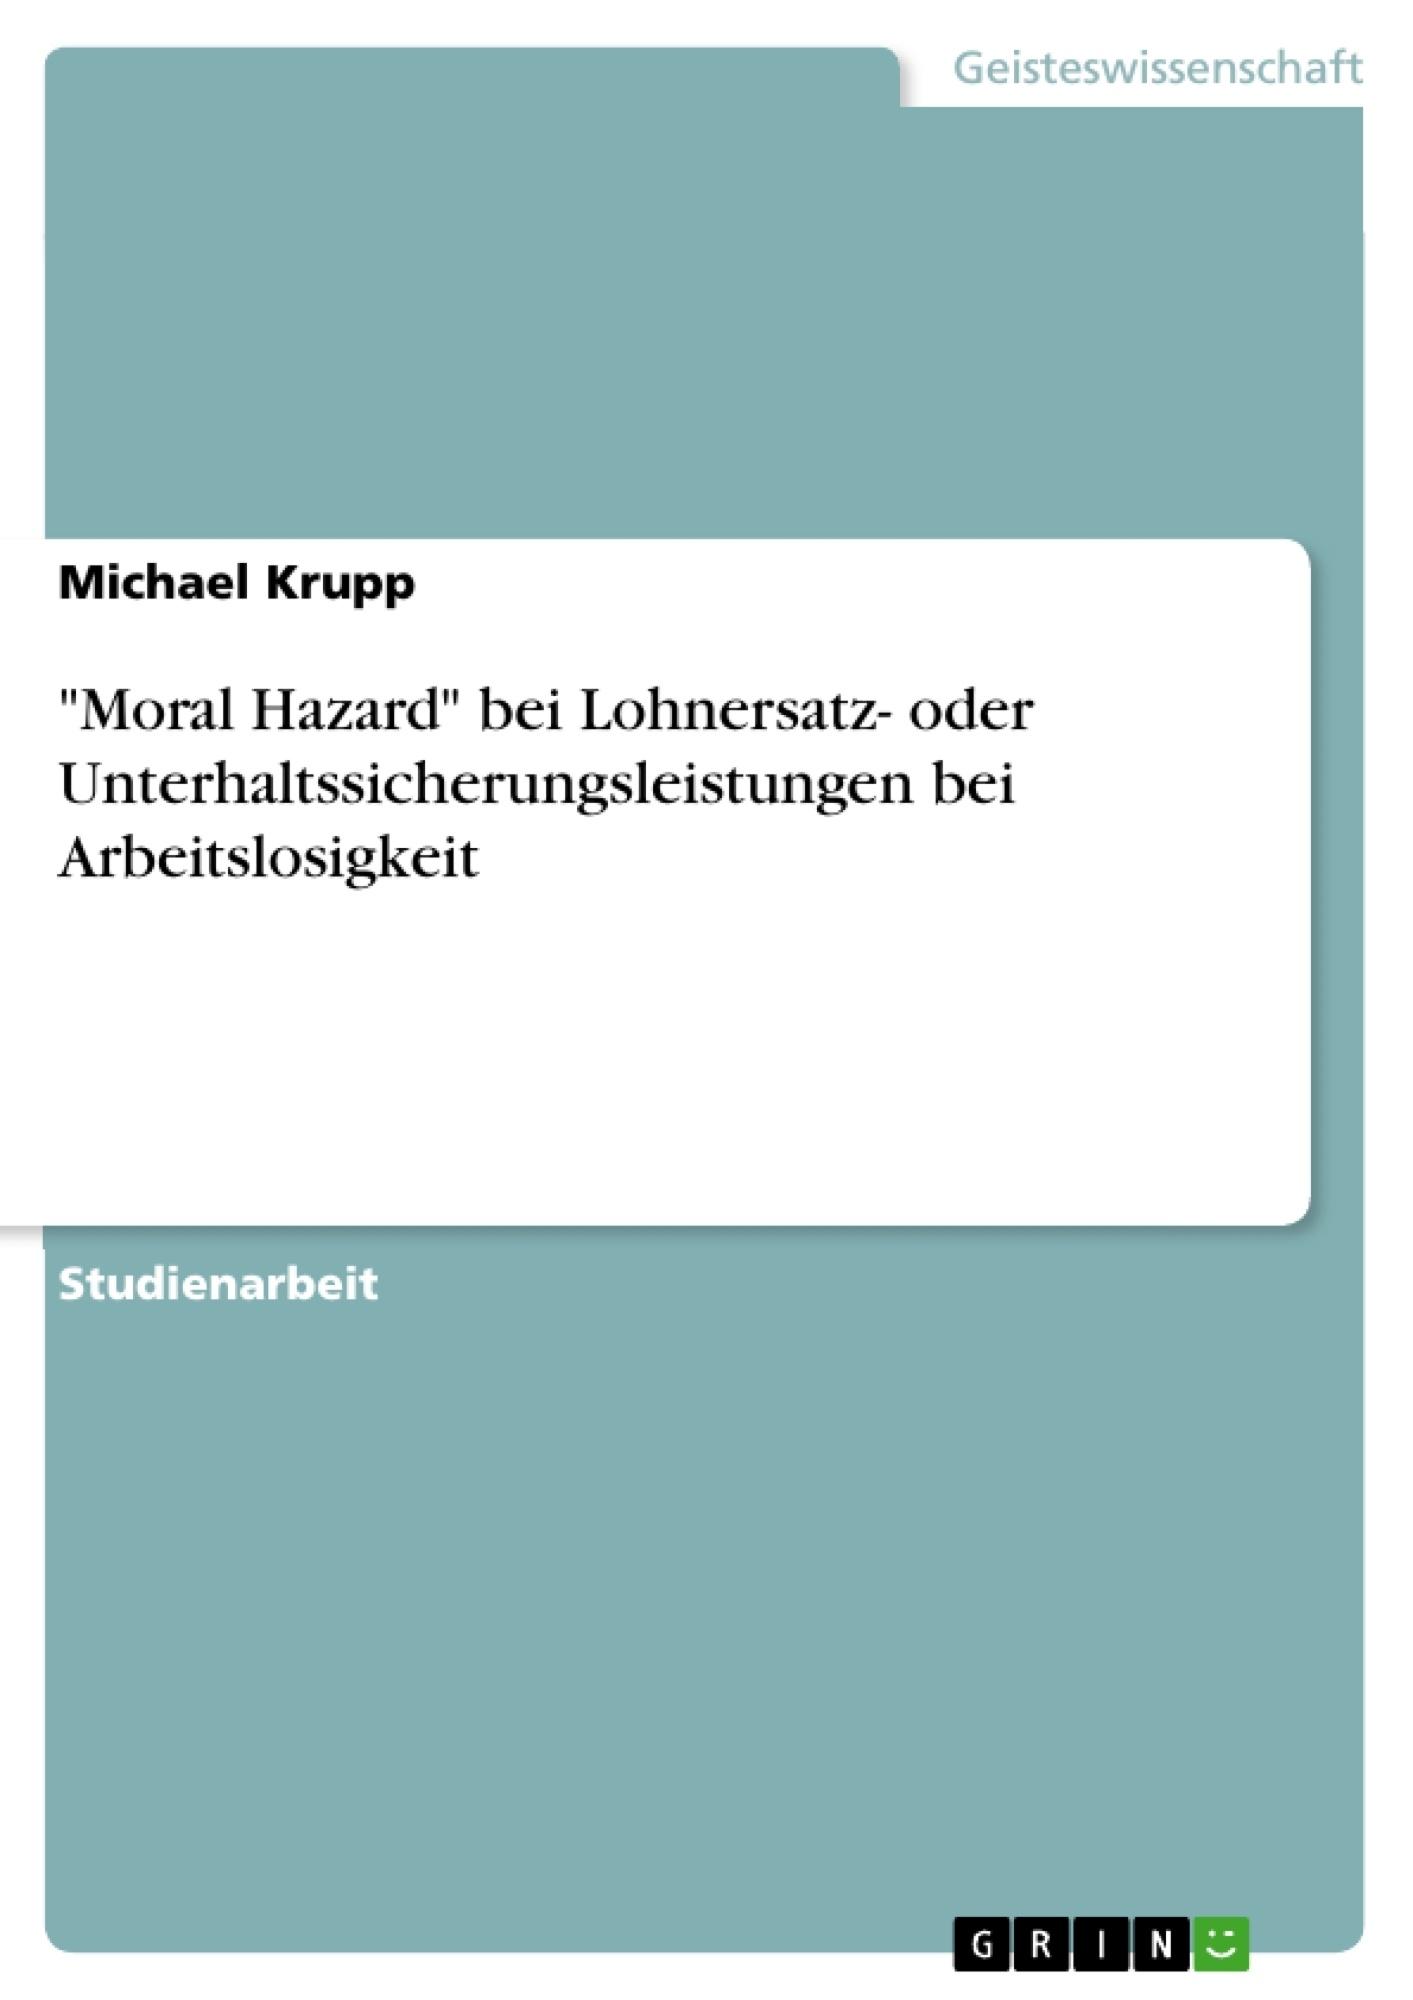 """Titel:  """"Moral Hazard""""  bei Lohnersatz- oder Unterhaltssicherungsleistungen bei Arbeitslosigkeit"""